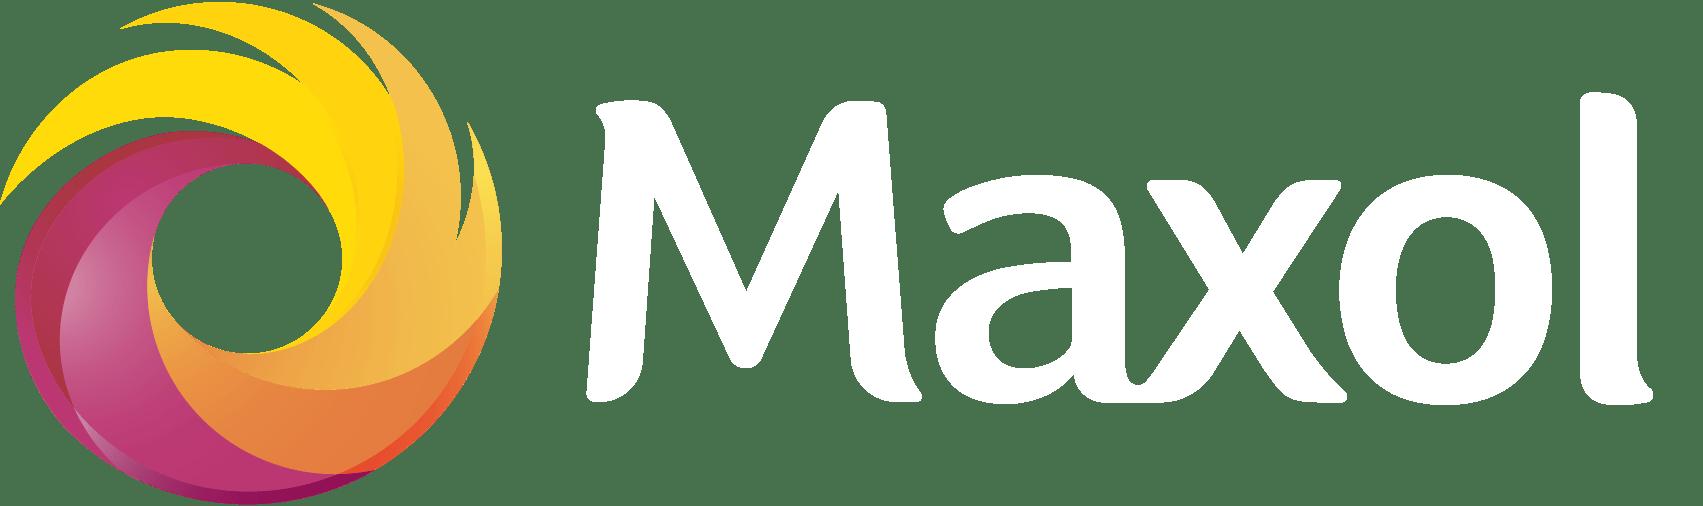 Maxol Horizontal Logo